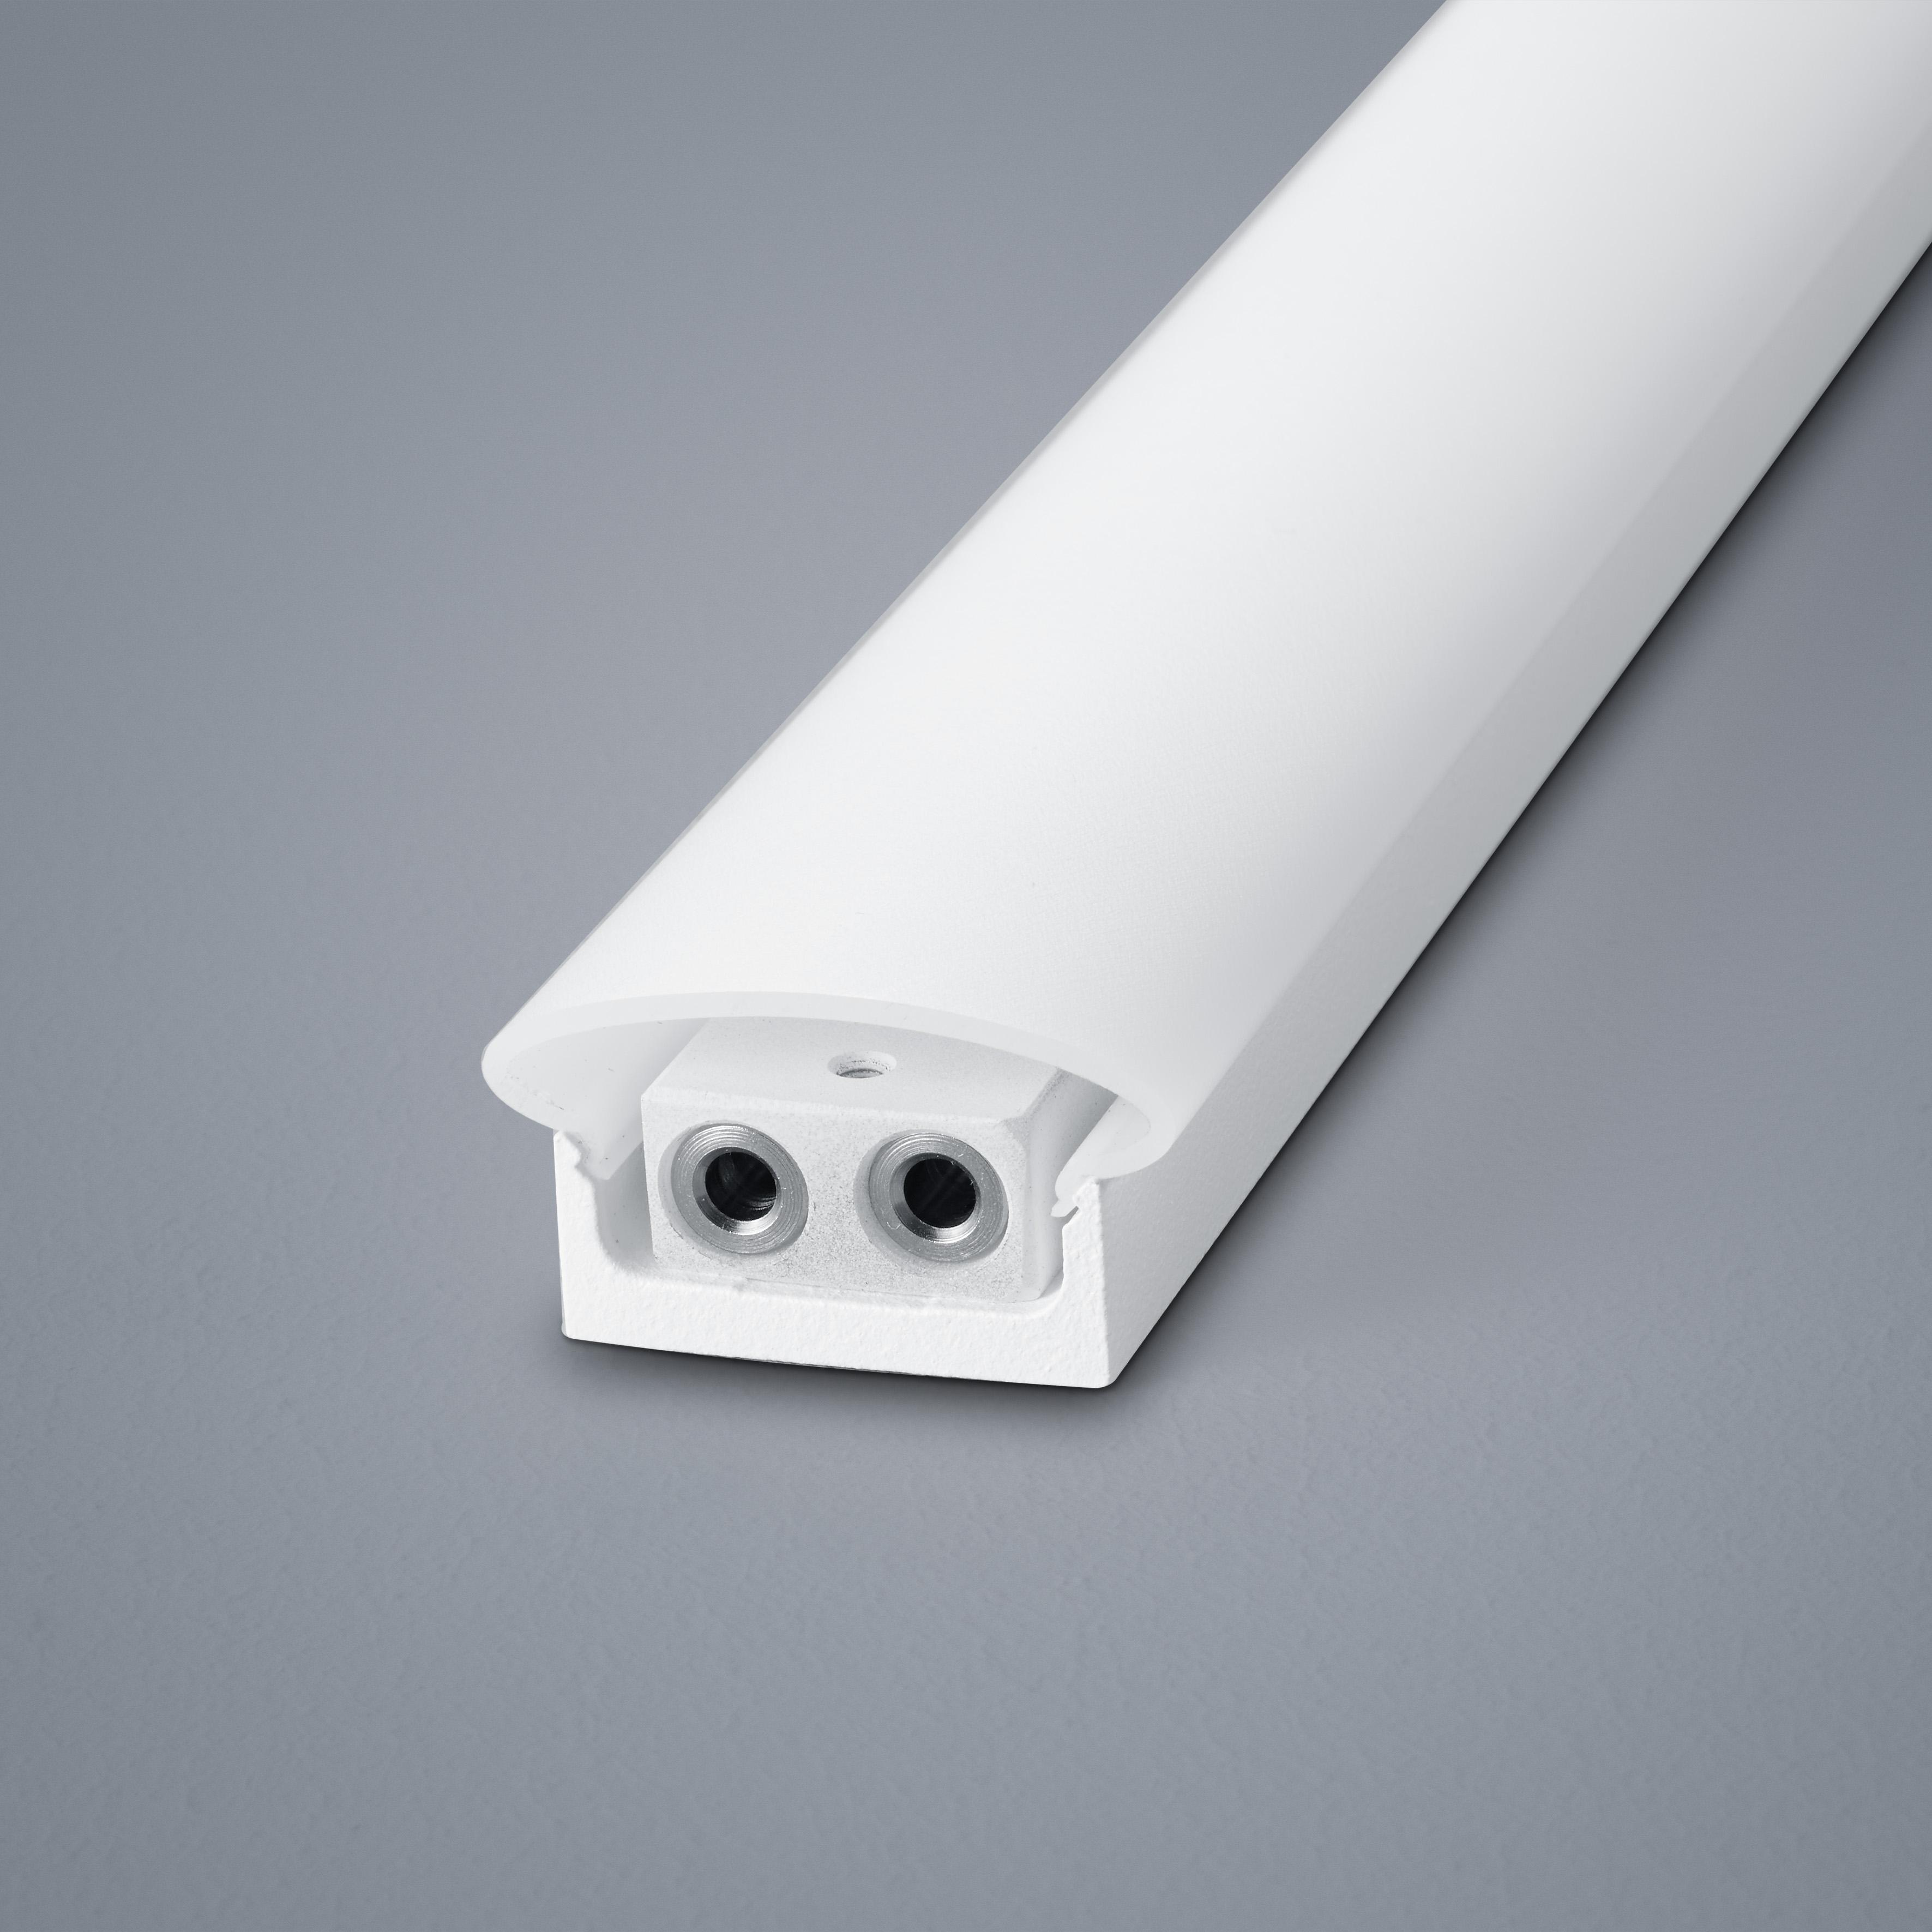 LED-Deckenleuchten von Helestra Leuchten VIGO LED- Leuchtenmodul 100 cm 15/1601.07